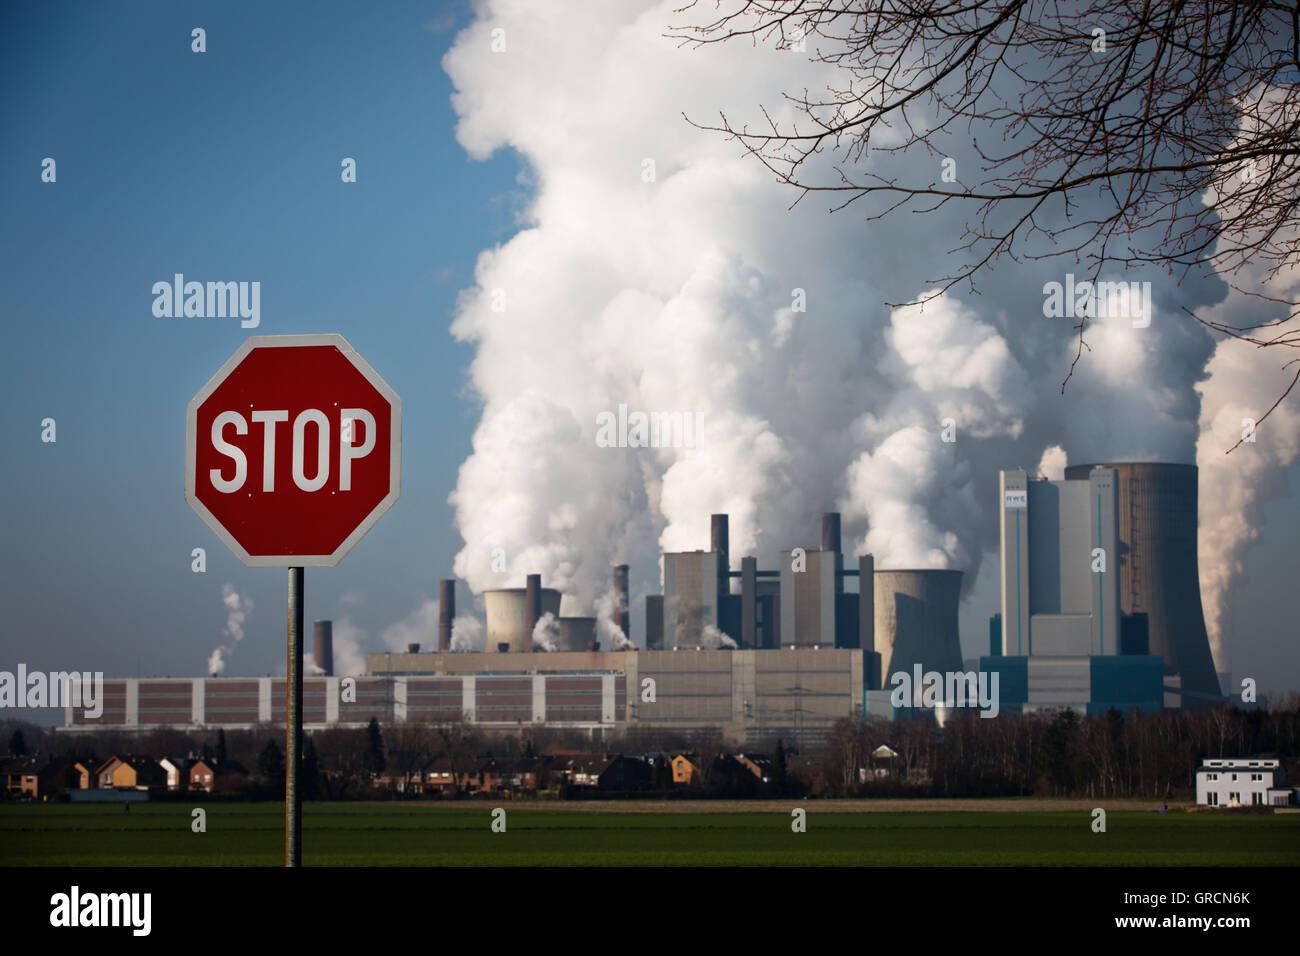 Veraltete Kohle Pflanze Niederaußem mit Stop-Schild Stockbild